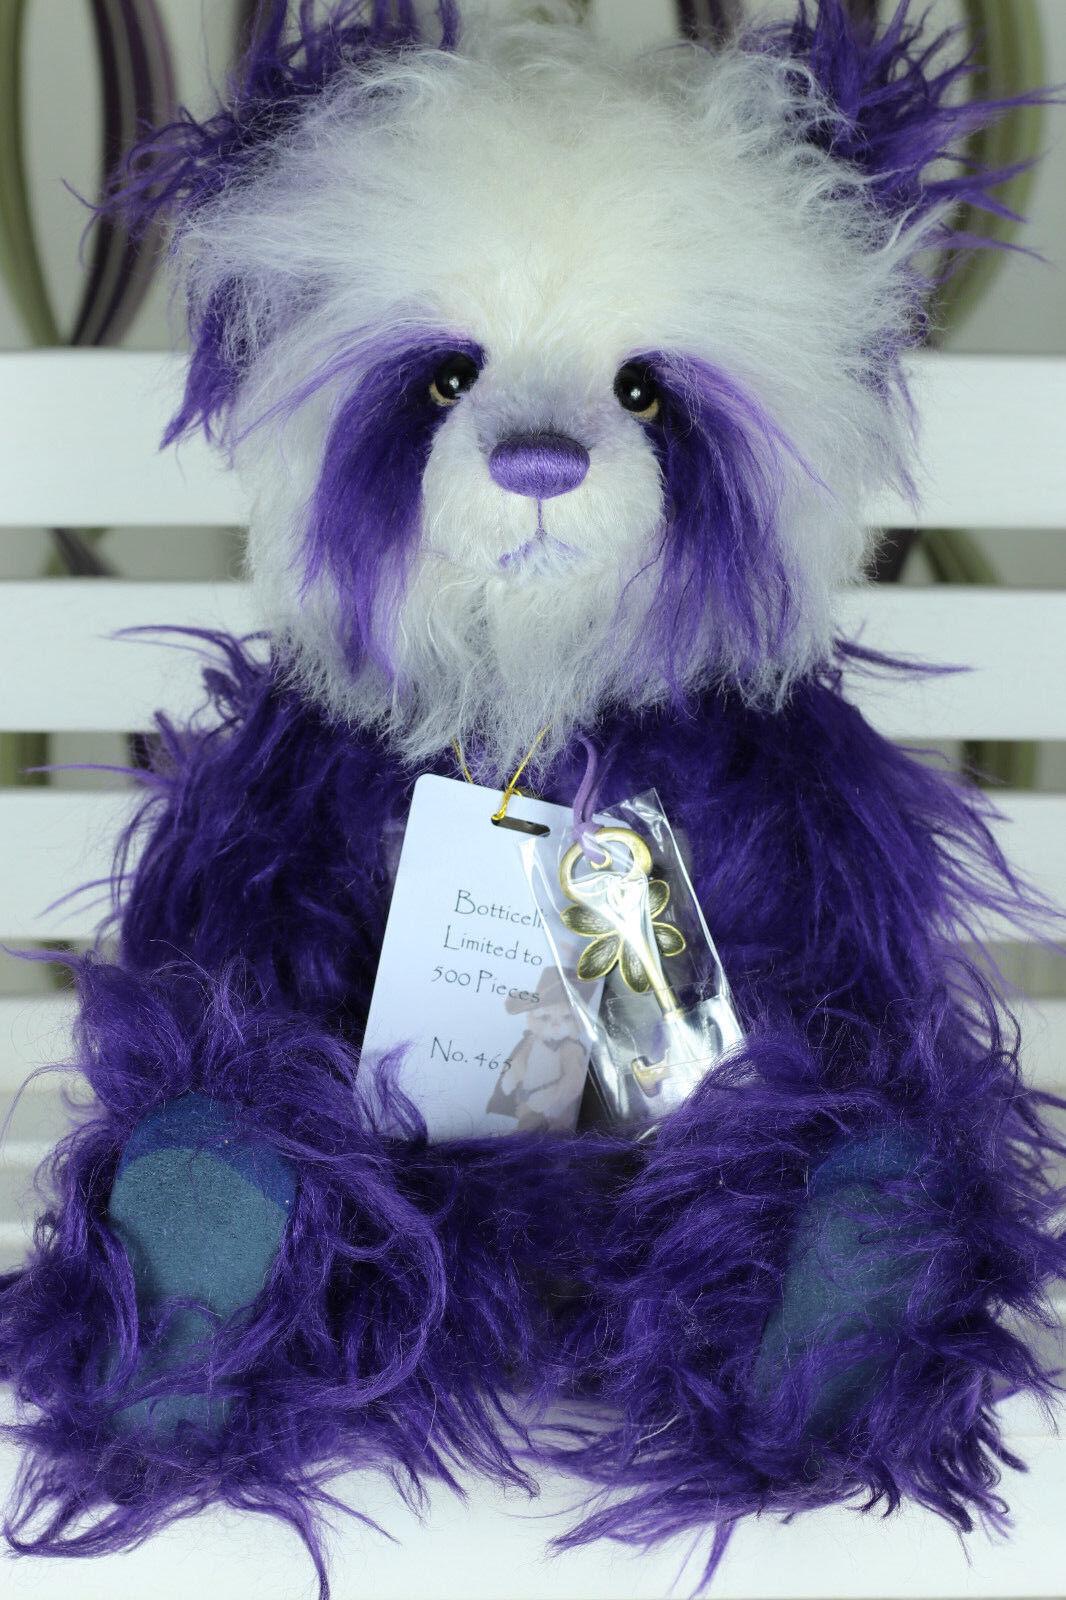 Charlie Bears-BOTTICELLI Di Isabelle Lee L/e 500 Pezzi-Nuovo con etichetta